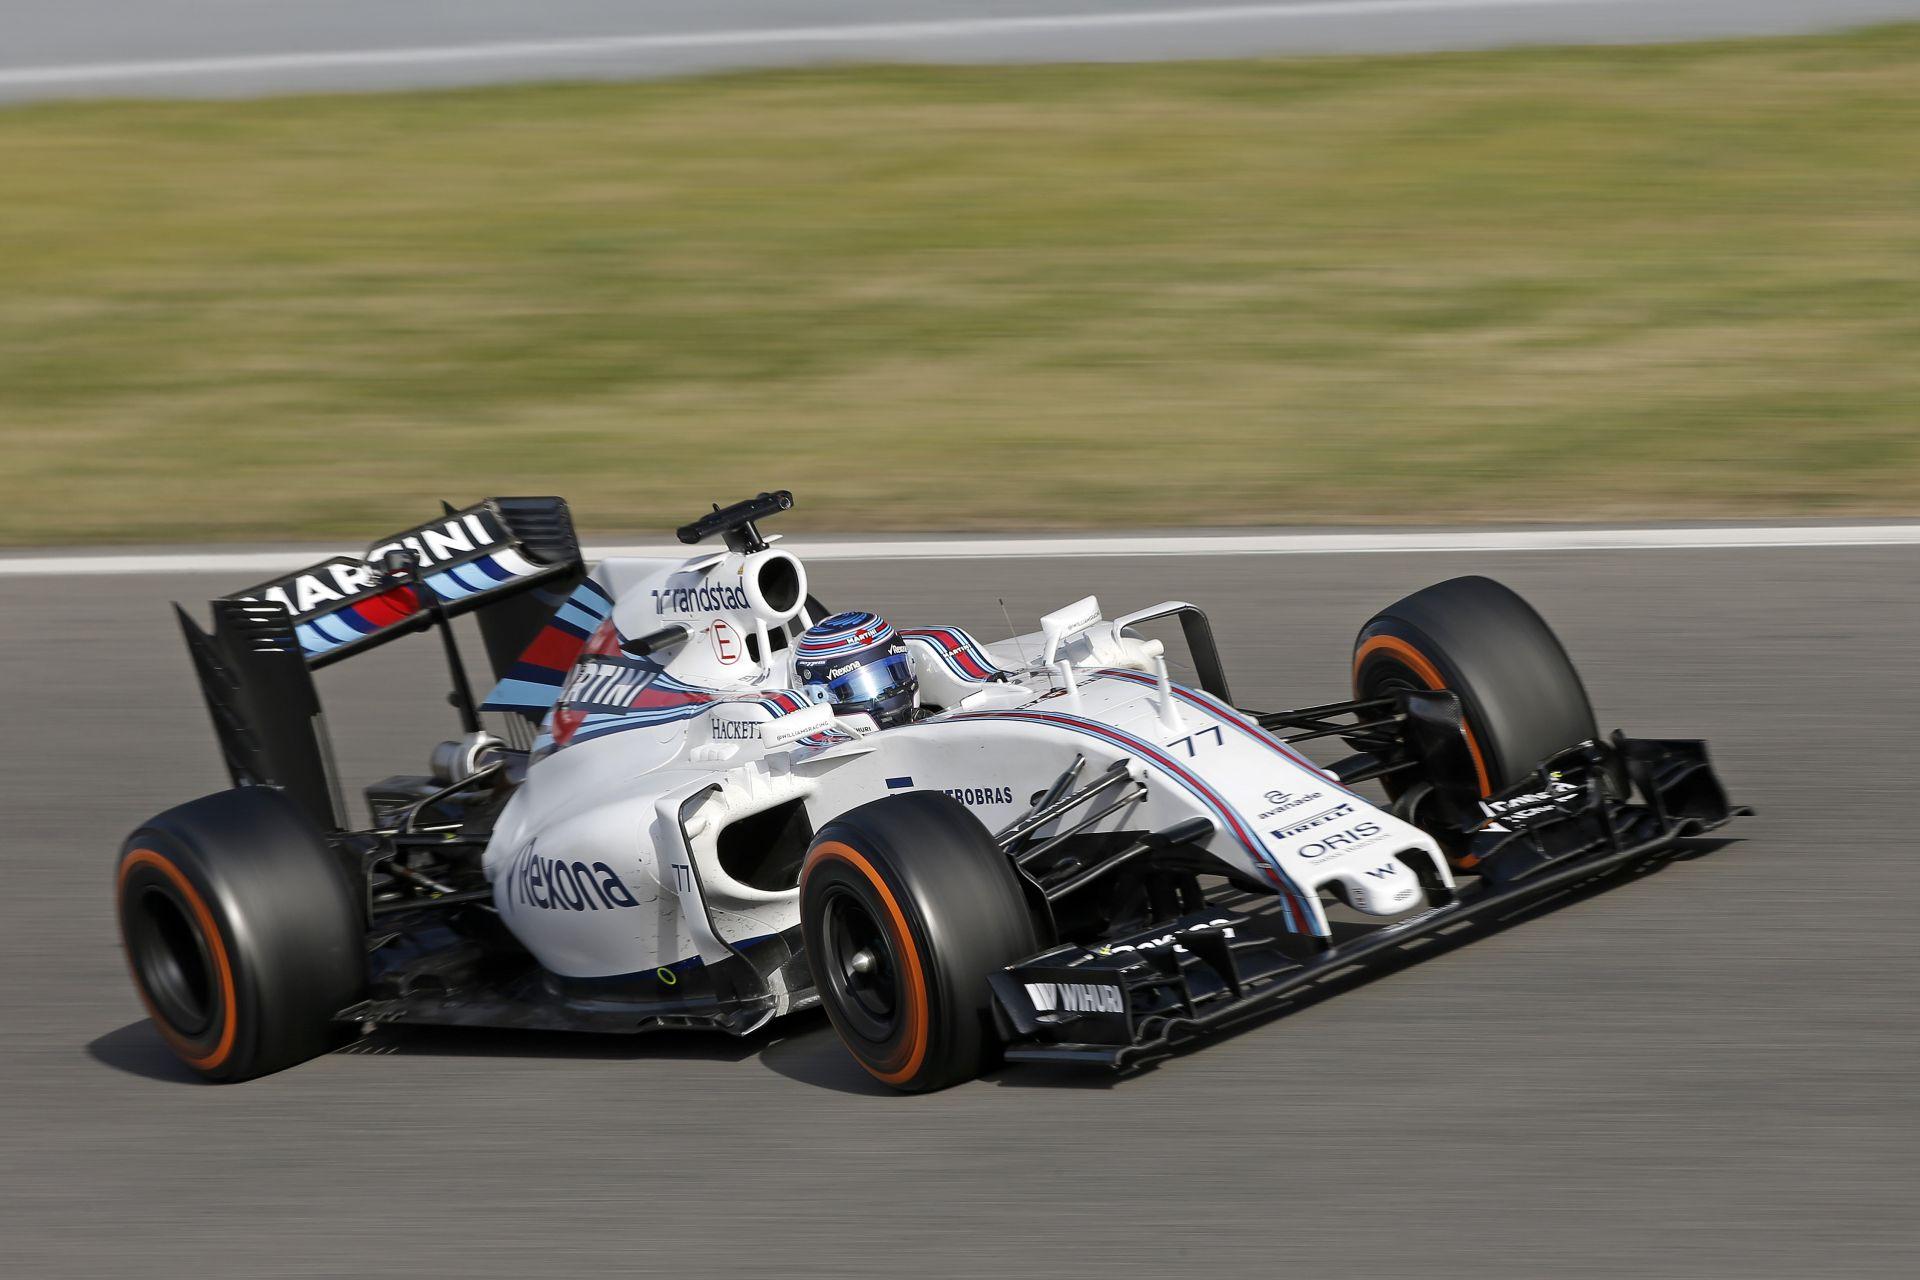 Ebből is látszik, hogy több pénzre van szüksége a Williamsnek